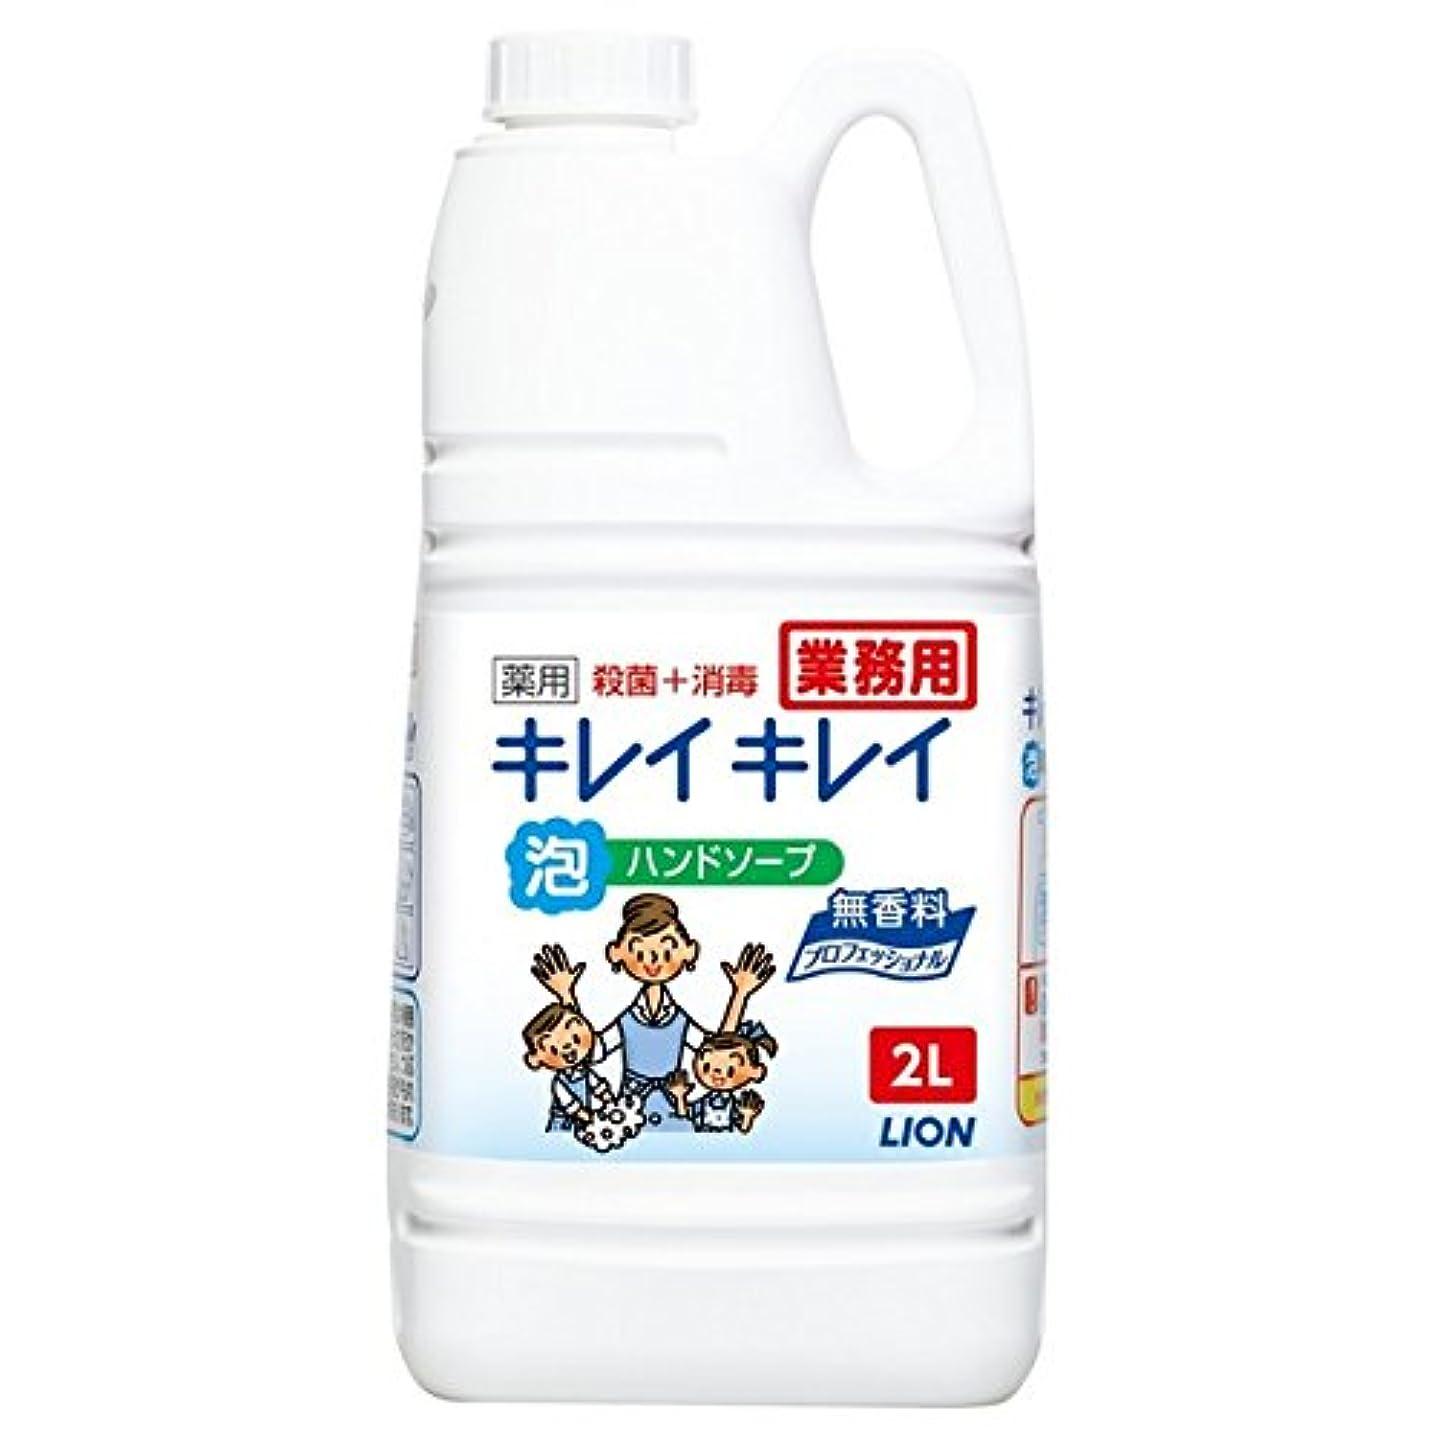 移民学習明確にライオン キレイキレイ薬用泡ハンドソープ 無香料 2L×6本入